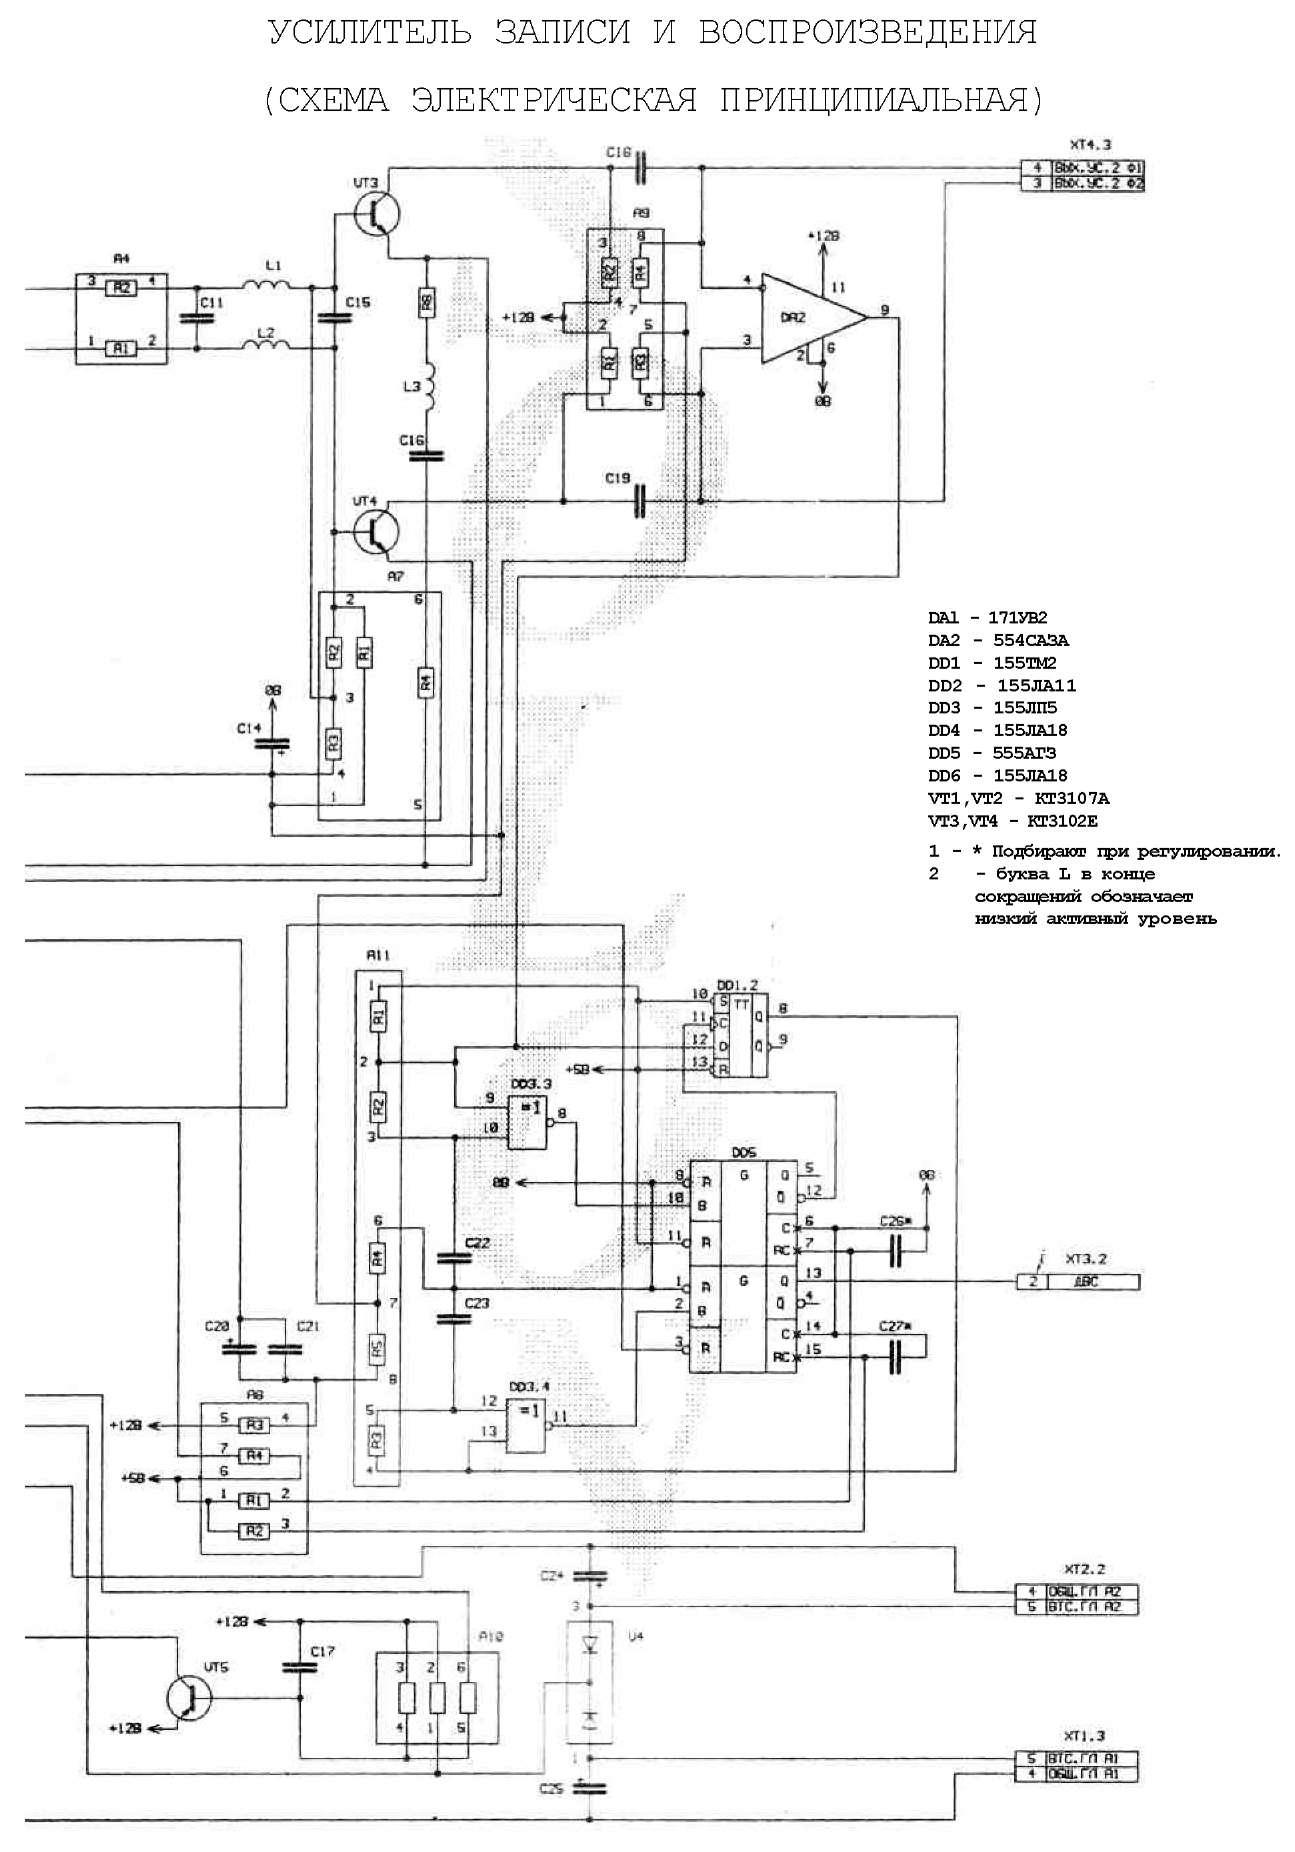 усилитель схема подключения накопителя